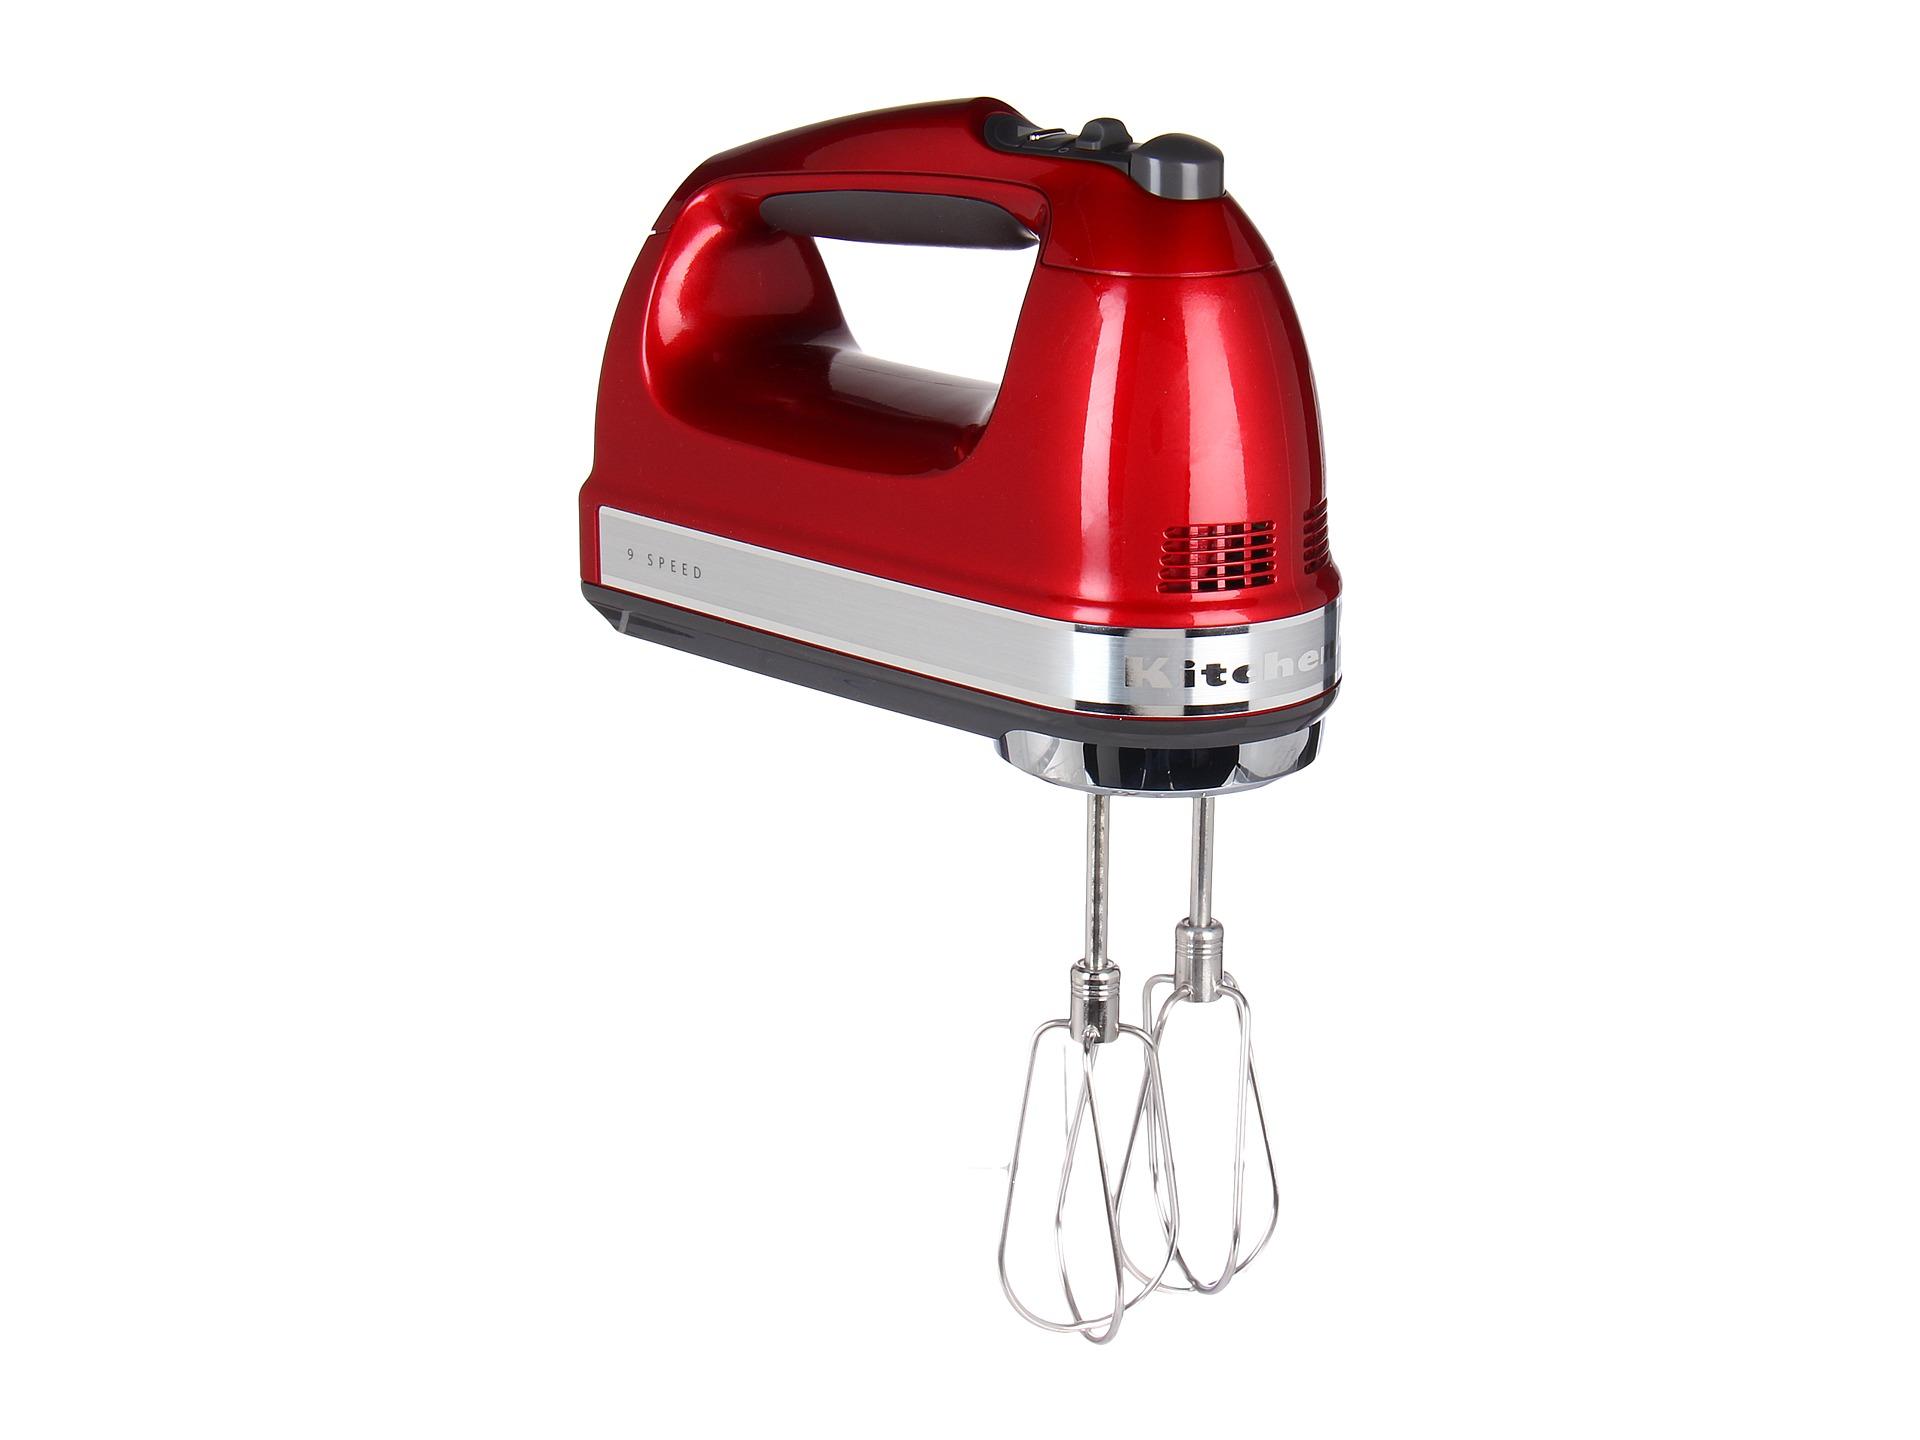 kitchen aid hand mixer mixers kitchenaid 5 speed photo 7 ideas